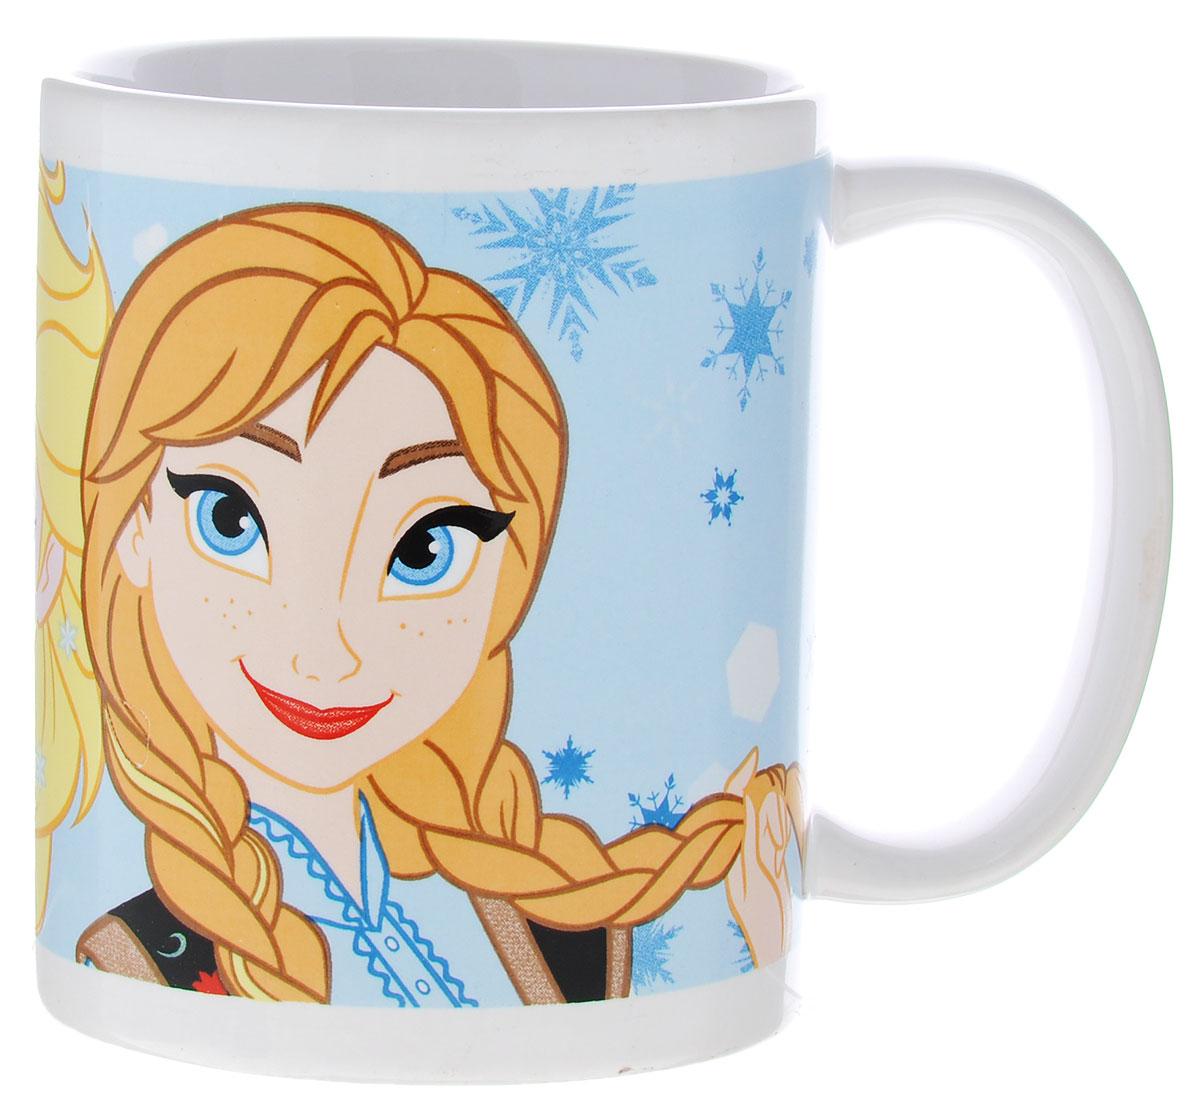 Stor Кружка детская Принцессы Анна и Эльза 325 мл78705Детская кружка Stor Принцессы Анна и Эльза из серии Stor Disney Frozen с любимыми героинями станет отличным подарком для вашей малышки. Она выполнена из керамики и оформлена изображением принцесс из мультфильма Холодное сердце Анны и Эльзы. Кружка дополнена удобной ручкой. Такой подарок станет не только приятным, но и практичным сувениром: кружка будет незаменимым атрибутом чаепития, а оригинальное оформление кружки добавит ярких эмоций и хорошего настроения. Можно использовать в СВЧ-печи и посудомоечной машине.